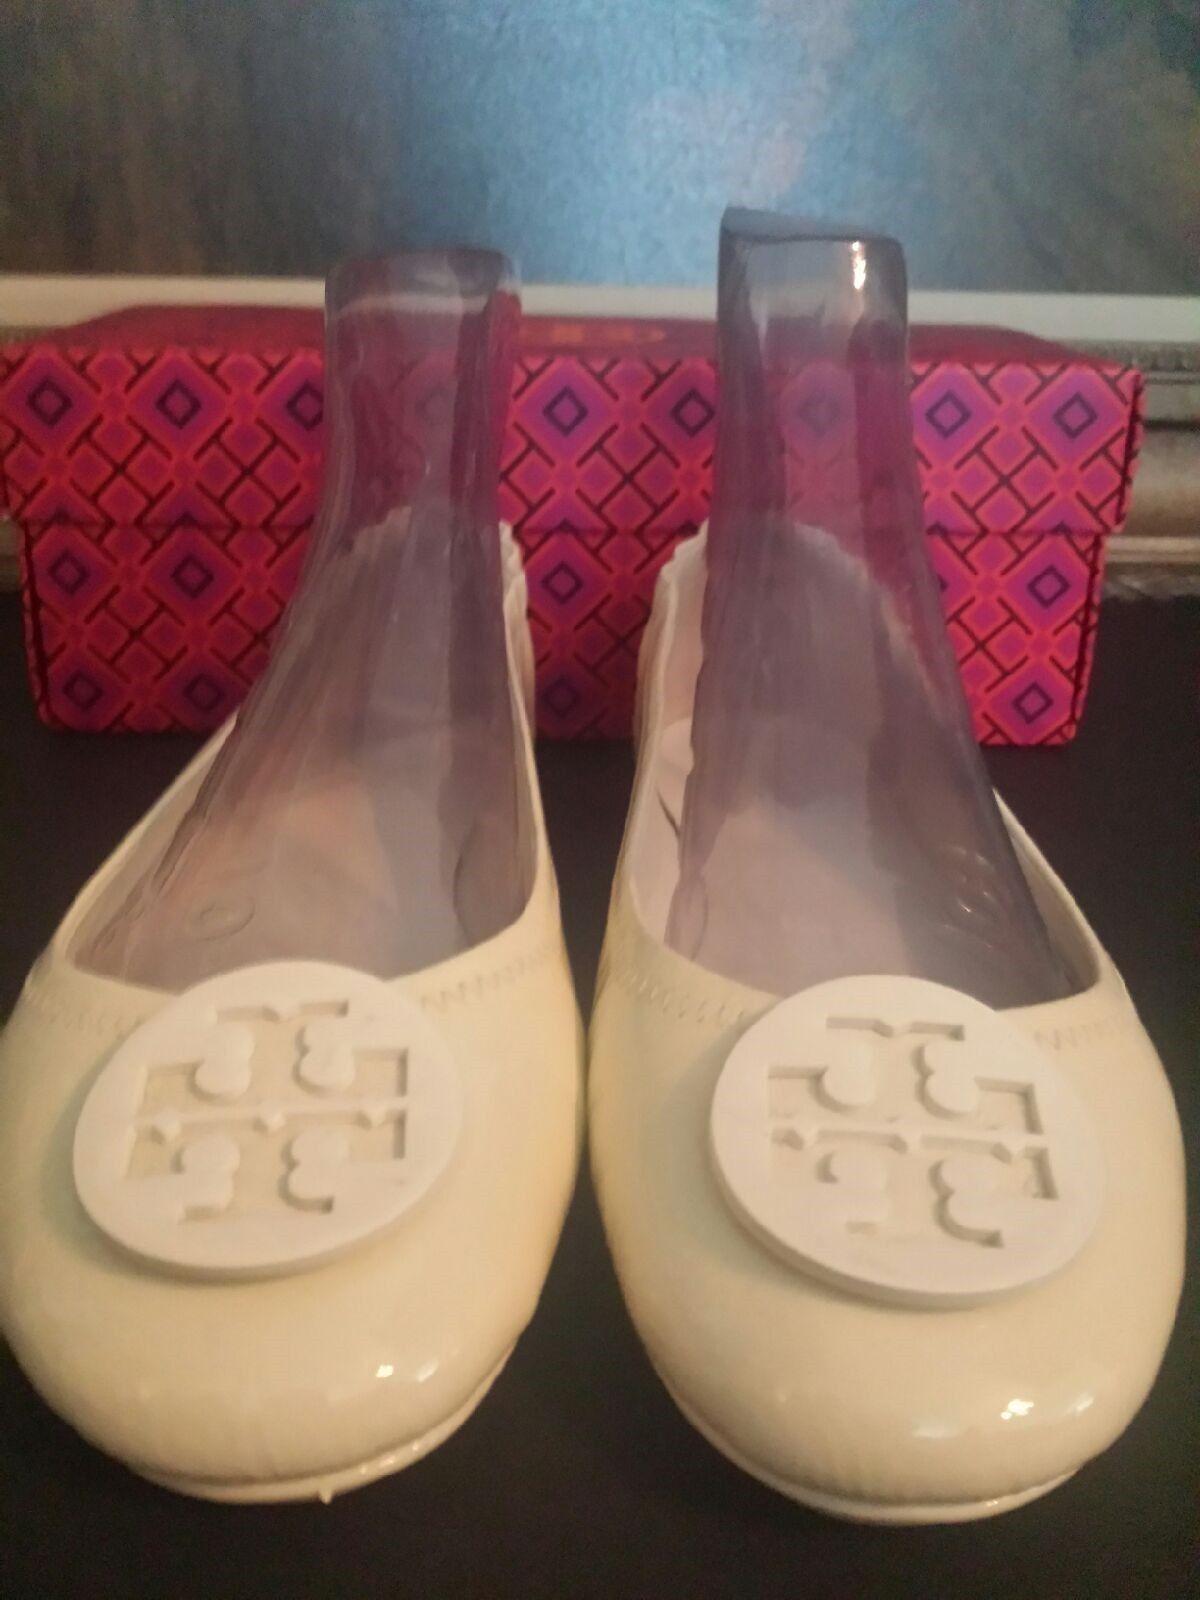 Tory Burch White Leather Slip Slip Slip On Ballet Flats Women's Size 10 Medium 5c93bd